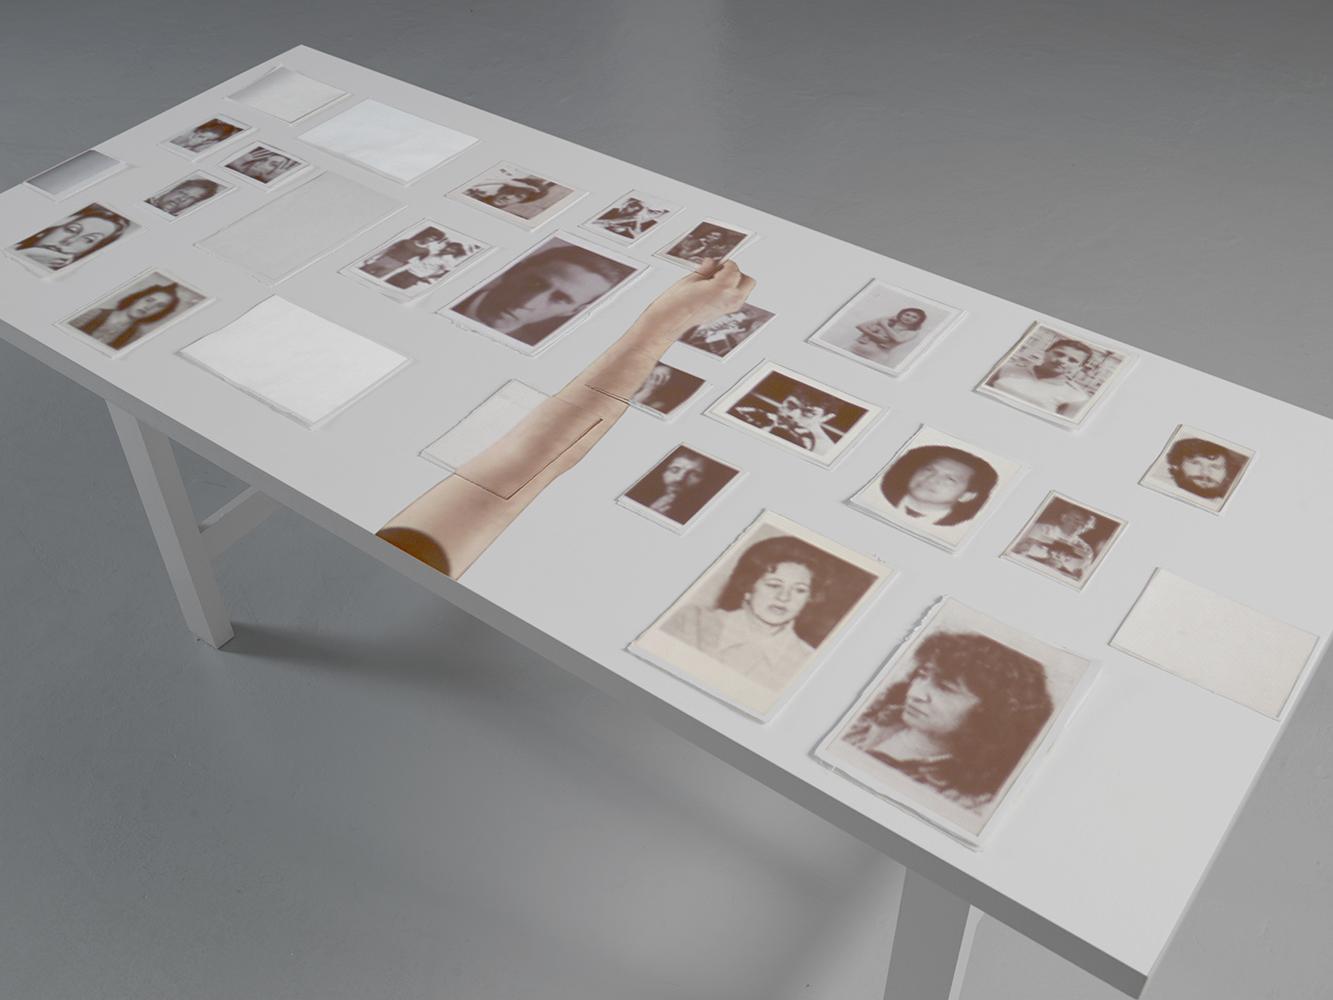 Oscar Muñoz, Editor Solitario, 2011. Video Blu-Ray Projection on a table, 36.19 min loop. Collection of Museo de Arte del Banco de la República